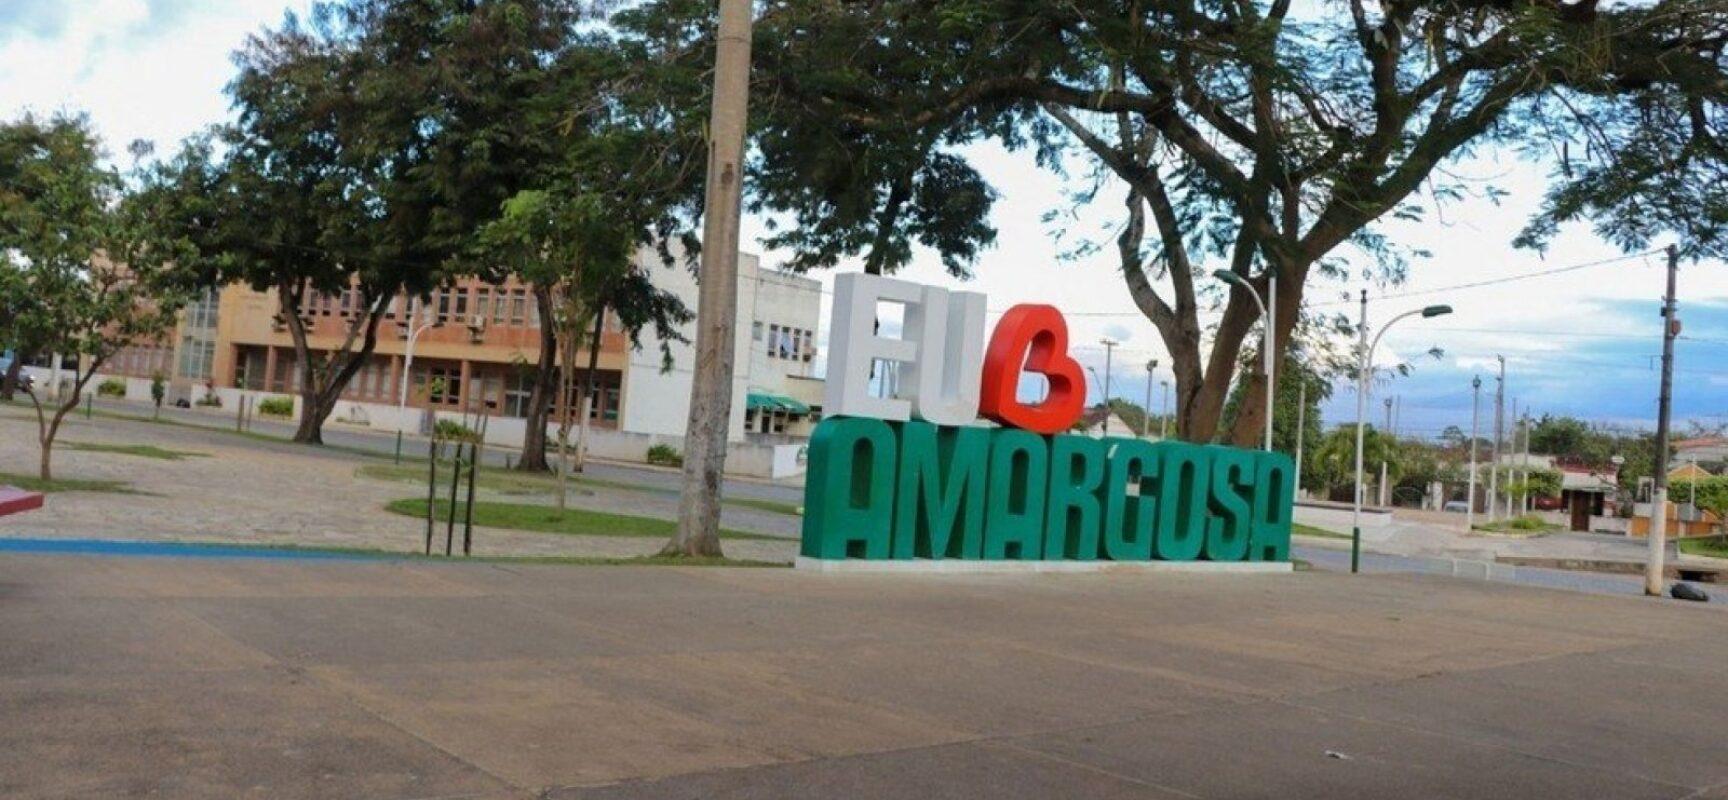 Amargosa registra novo tremor de terra; abalo é décimo na Bahia em 2021